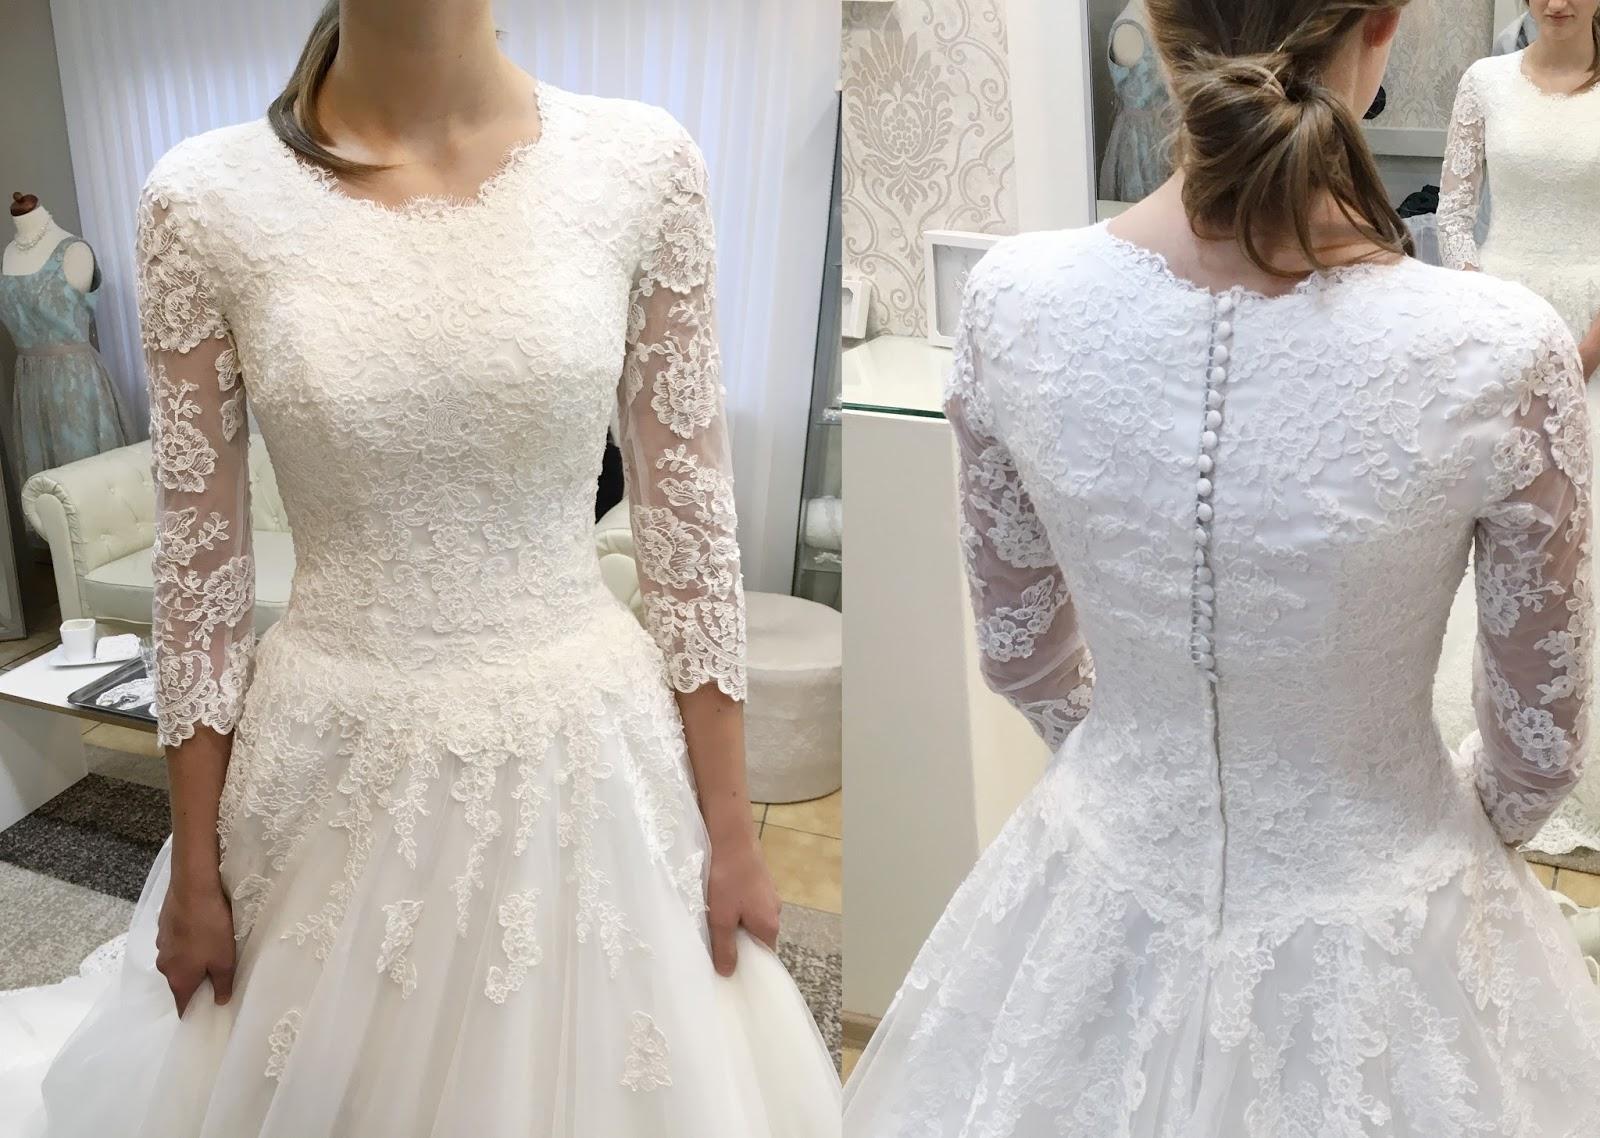 Nett Brautkleid änderungen Seattle Galerie - Hochzeit Kleid Stile ...